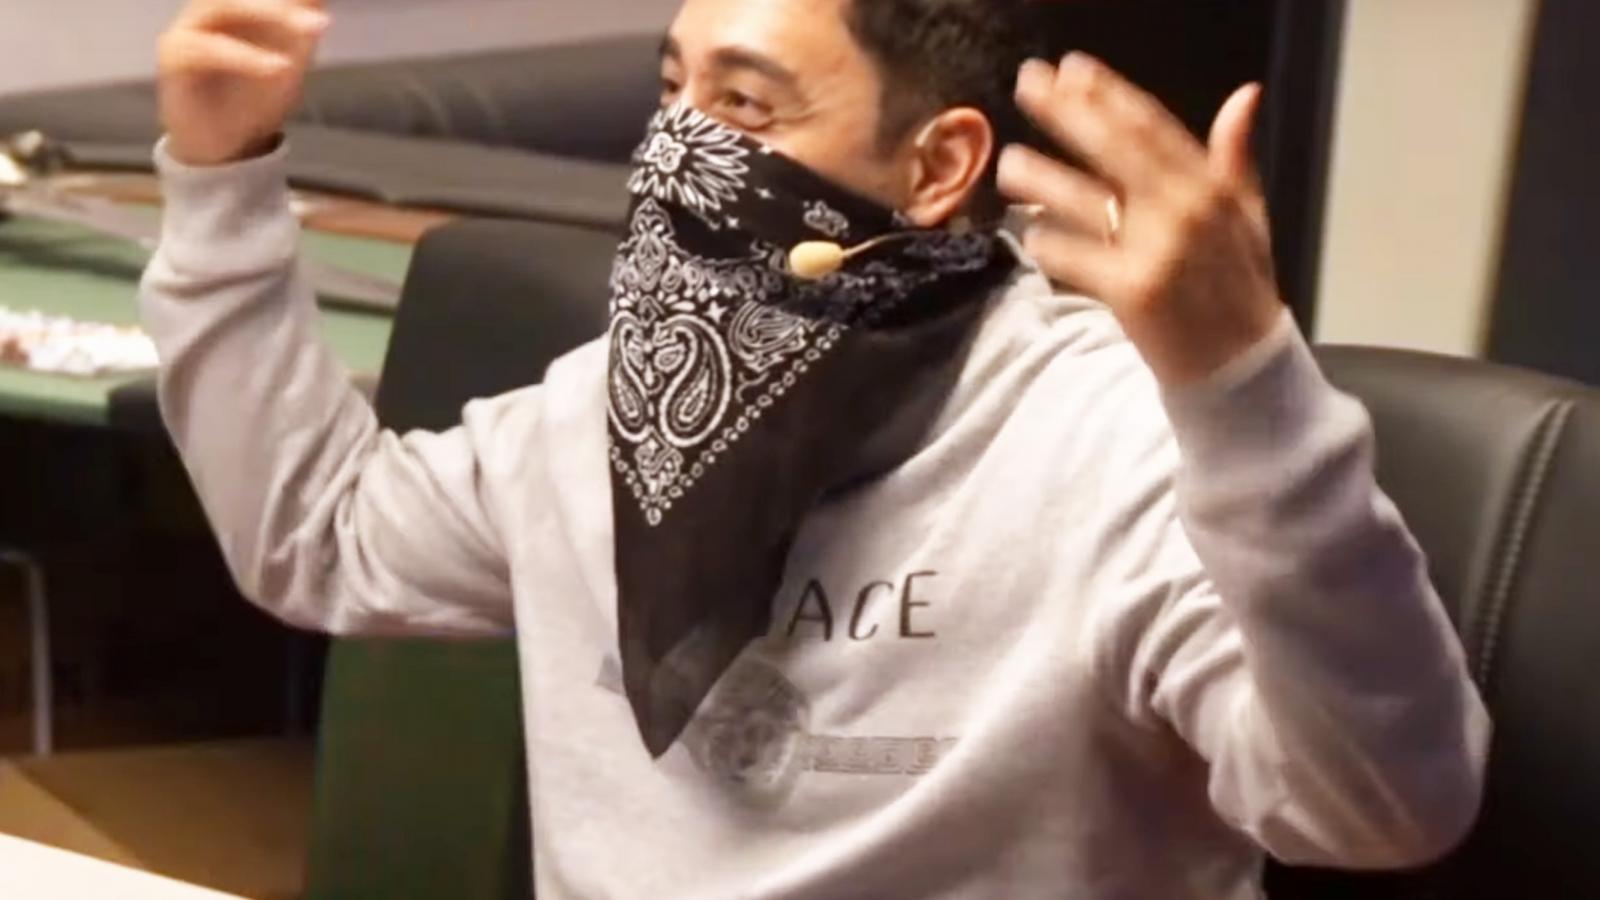 Eko Fresh vervollständigt Lines von Eminem, 2Pac, Big Pun, SSIO, Snaga, Farid Bang & mehr